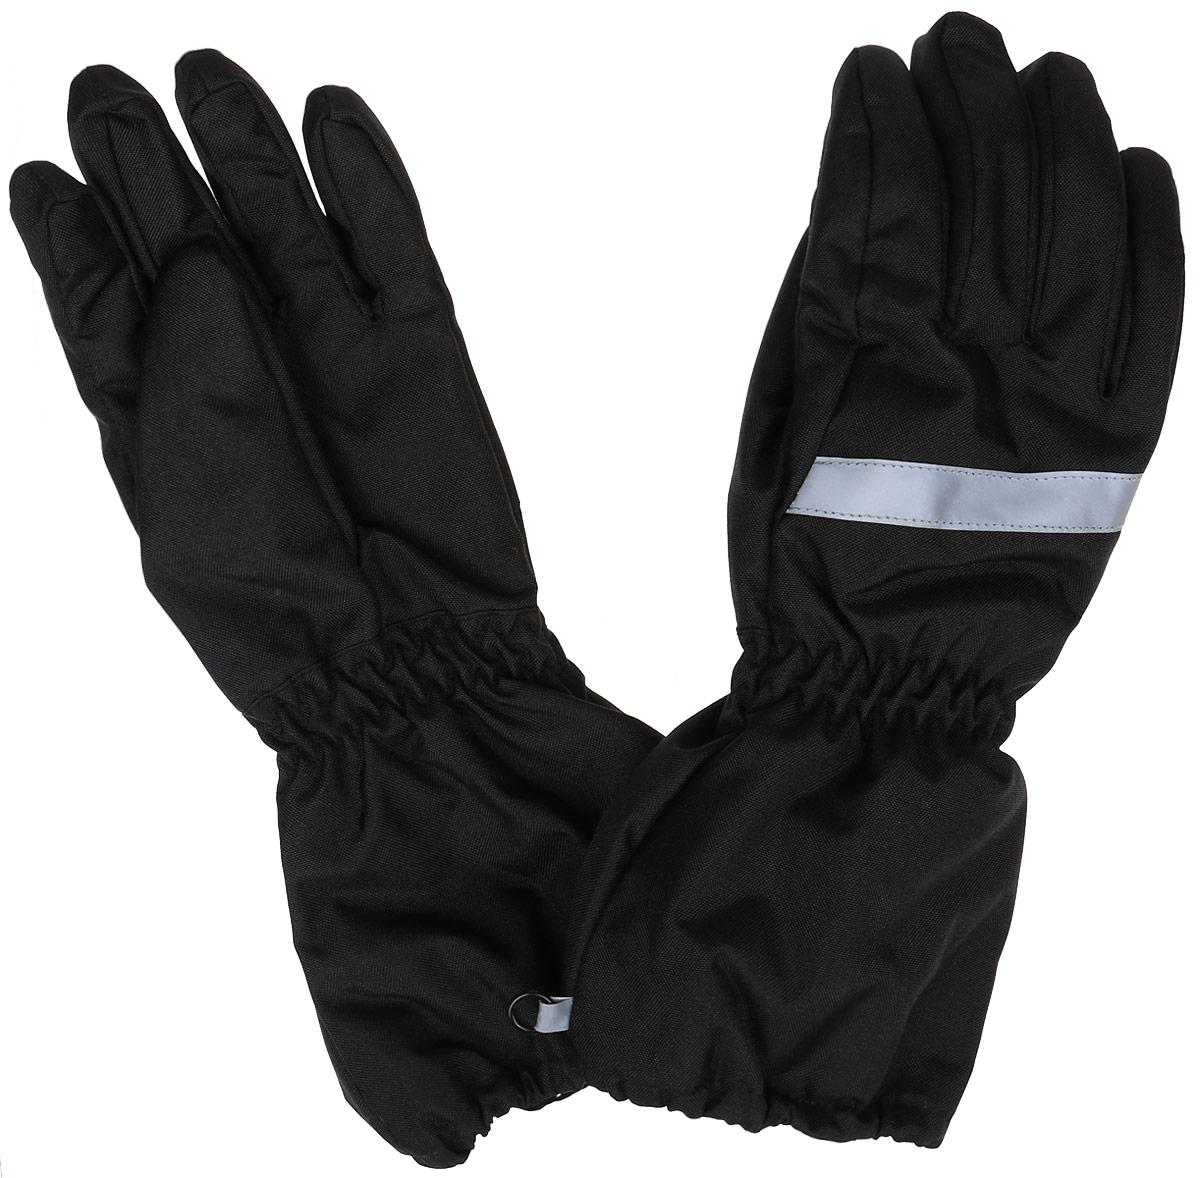 Перчатки детские. 727698727698-4980Детские перчатки Reima, изготовленные из ткани с водо- и ветрозащитным покрытием, станут идеальным вариантом, для холодной погоды. Уникальный дышащий материал с безопасным и простым в уходе покрытием и теплая подкладка из полиэстера надежно сохранят тепло и не дадут ручкам вашего малыша замерзнуть. Стильные перчатки оформлены светоотражающими нашивками. Манжеты дополнены эластичными резинками. С внешней стороны изделие оформлено светоотражающими нашивками. Перчатки станут завершающим элементом для образа вашего ребенка и защитят его ручки от холода.